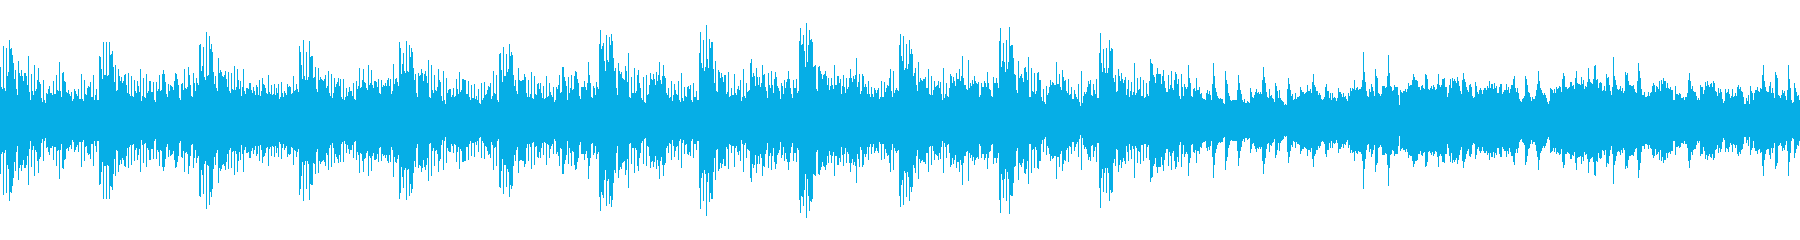 不都合な真実心理サスペンスホラー ループの再生済みの波形